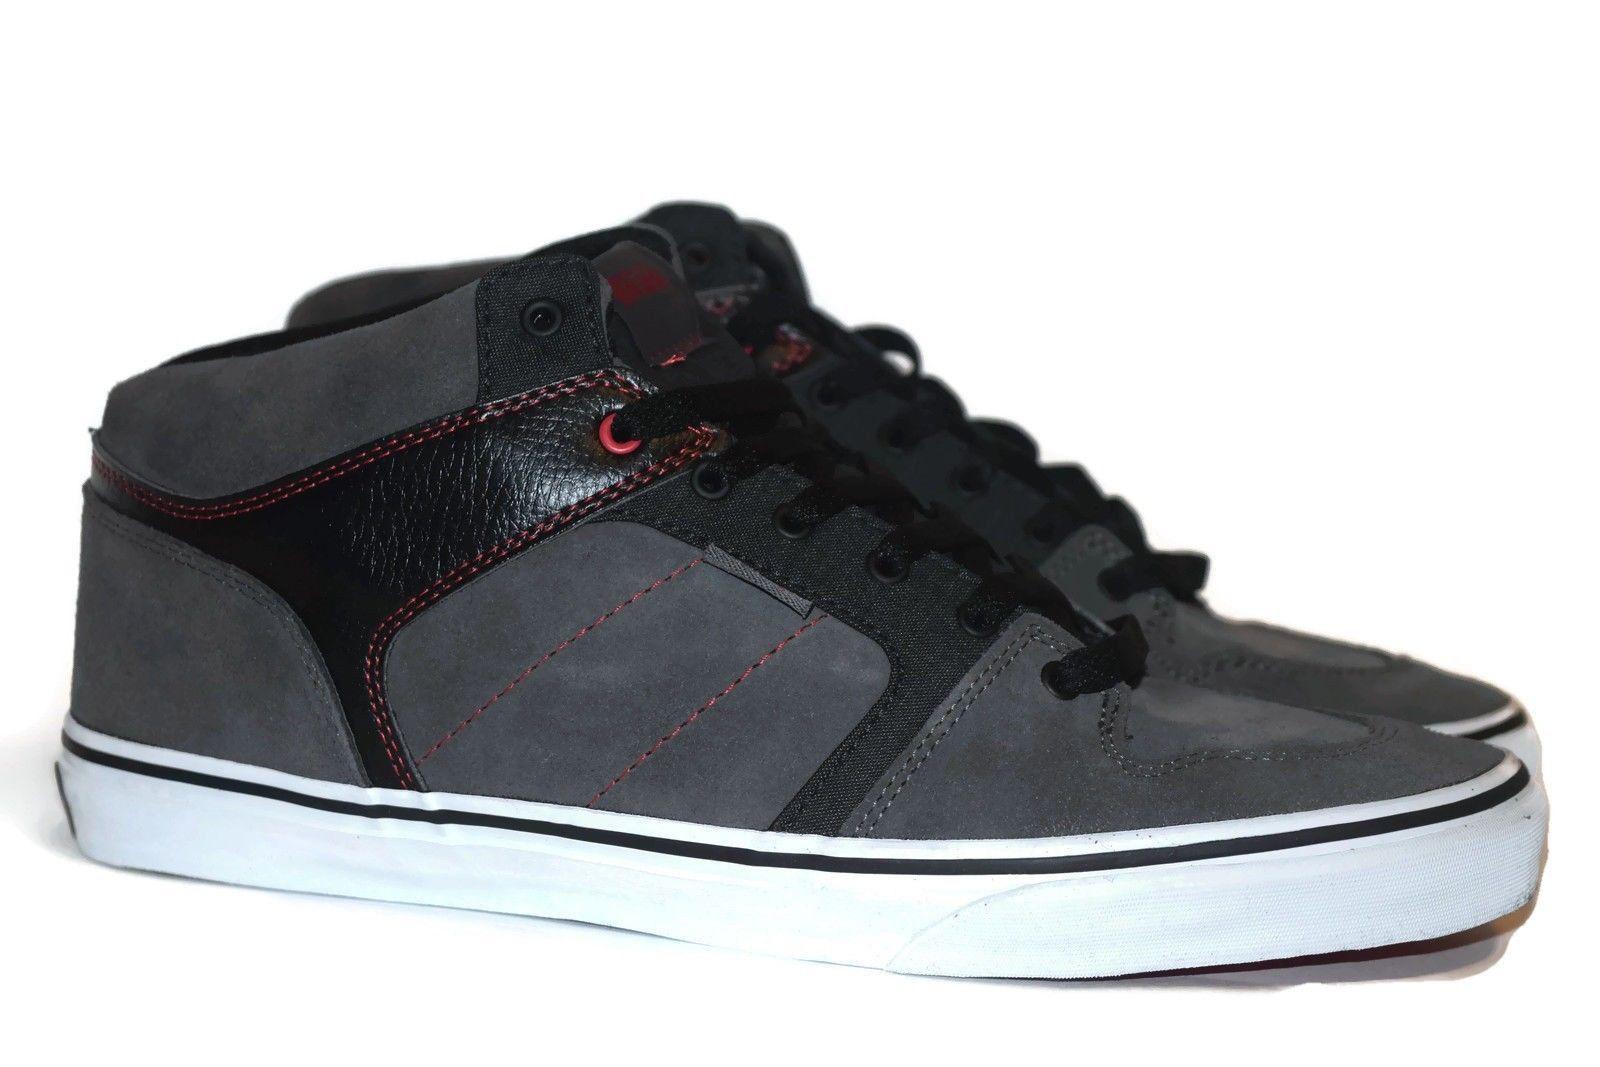 fc822d9840 VANS Ellis Mid (Red Stitch) Charcoal Black Casual Skate MEN S 6.5 WOMEN S 8  -  42.02